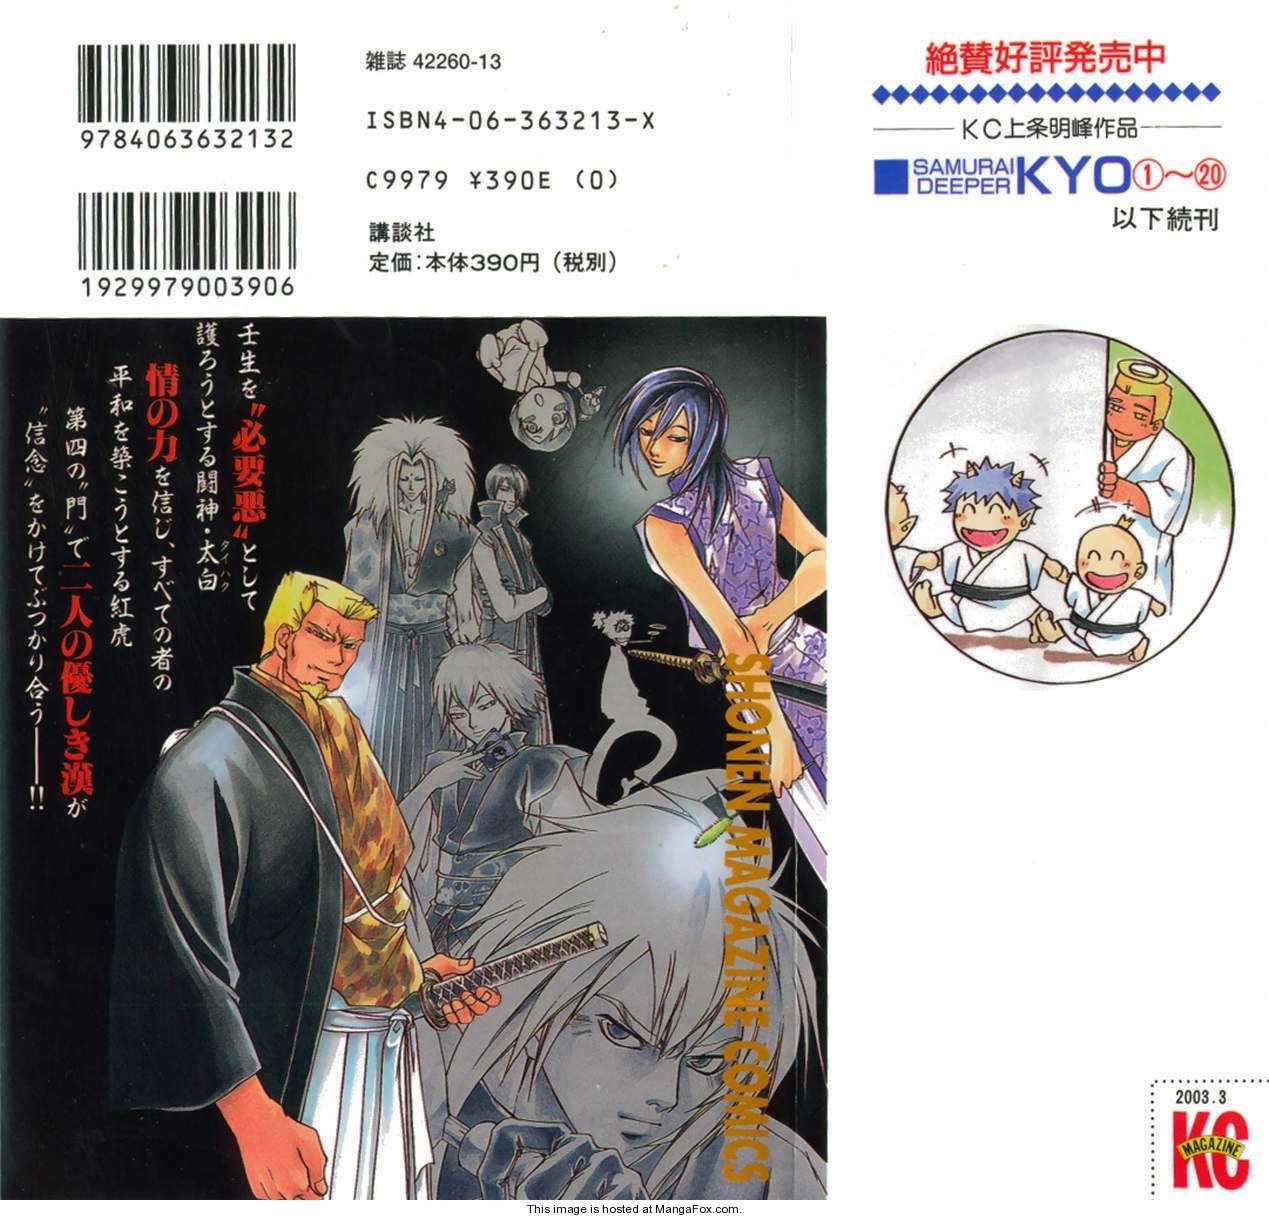 Samurai Deeper Kyo 155 Page 3